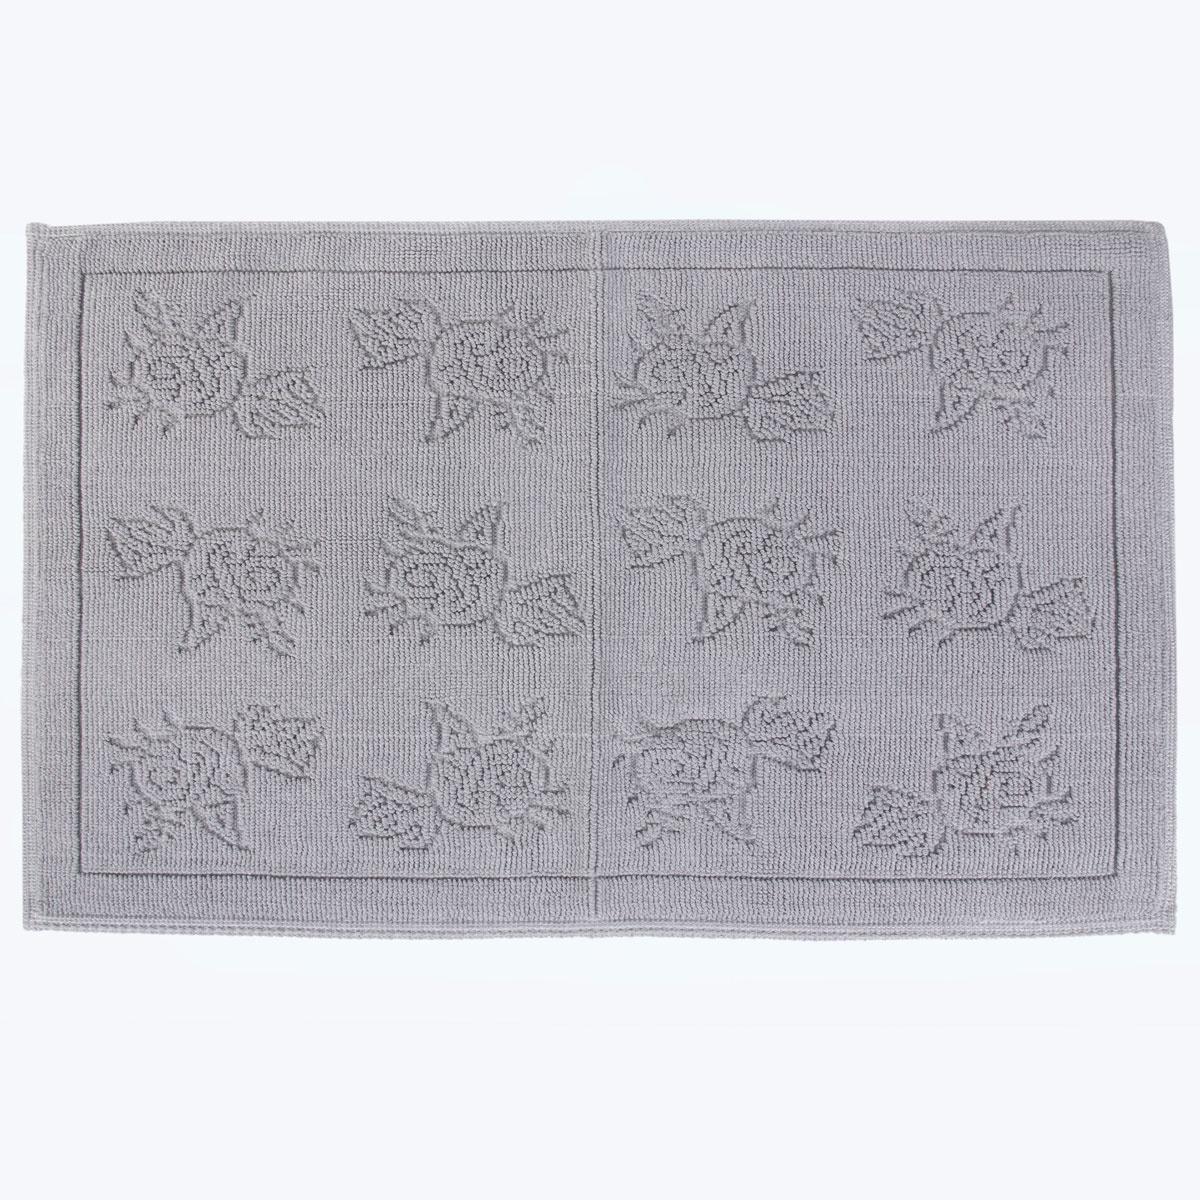 Коврик для ванной Arya home collection Camellia, серый коврик arya 60х100 2 пр assos бирюзовый 1126860